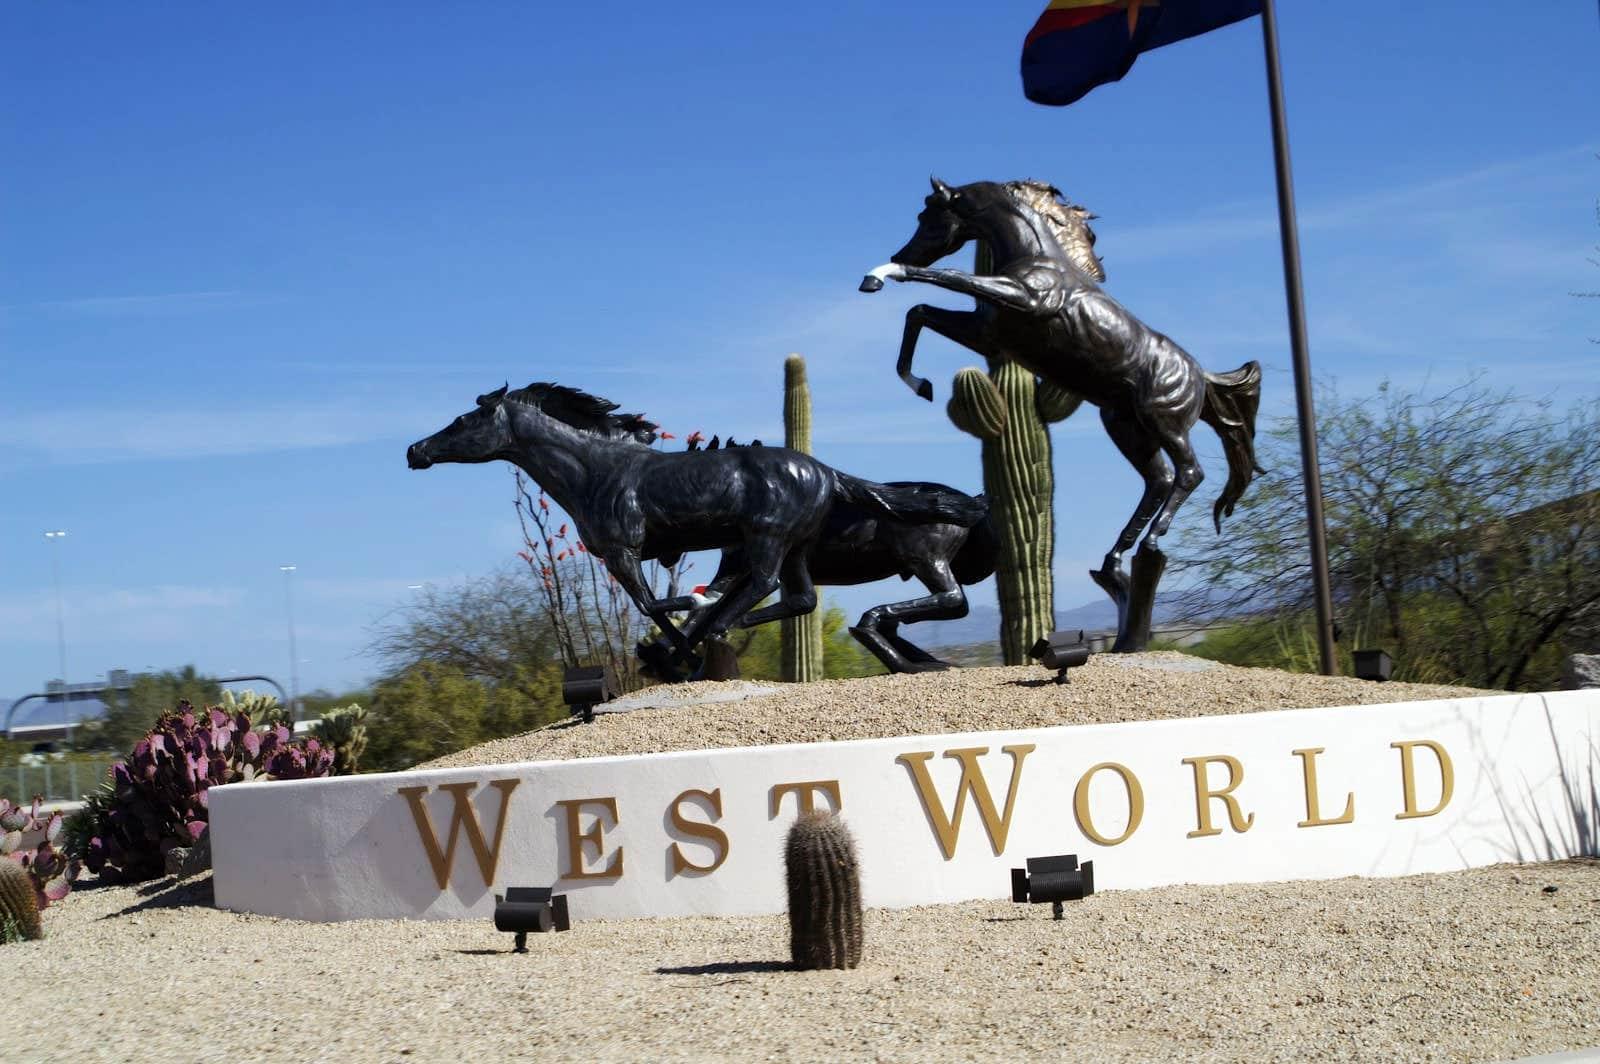 westworld-of-scottsdale-arizona